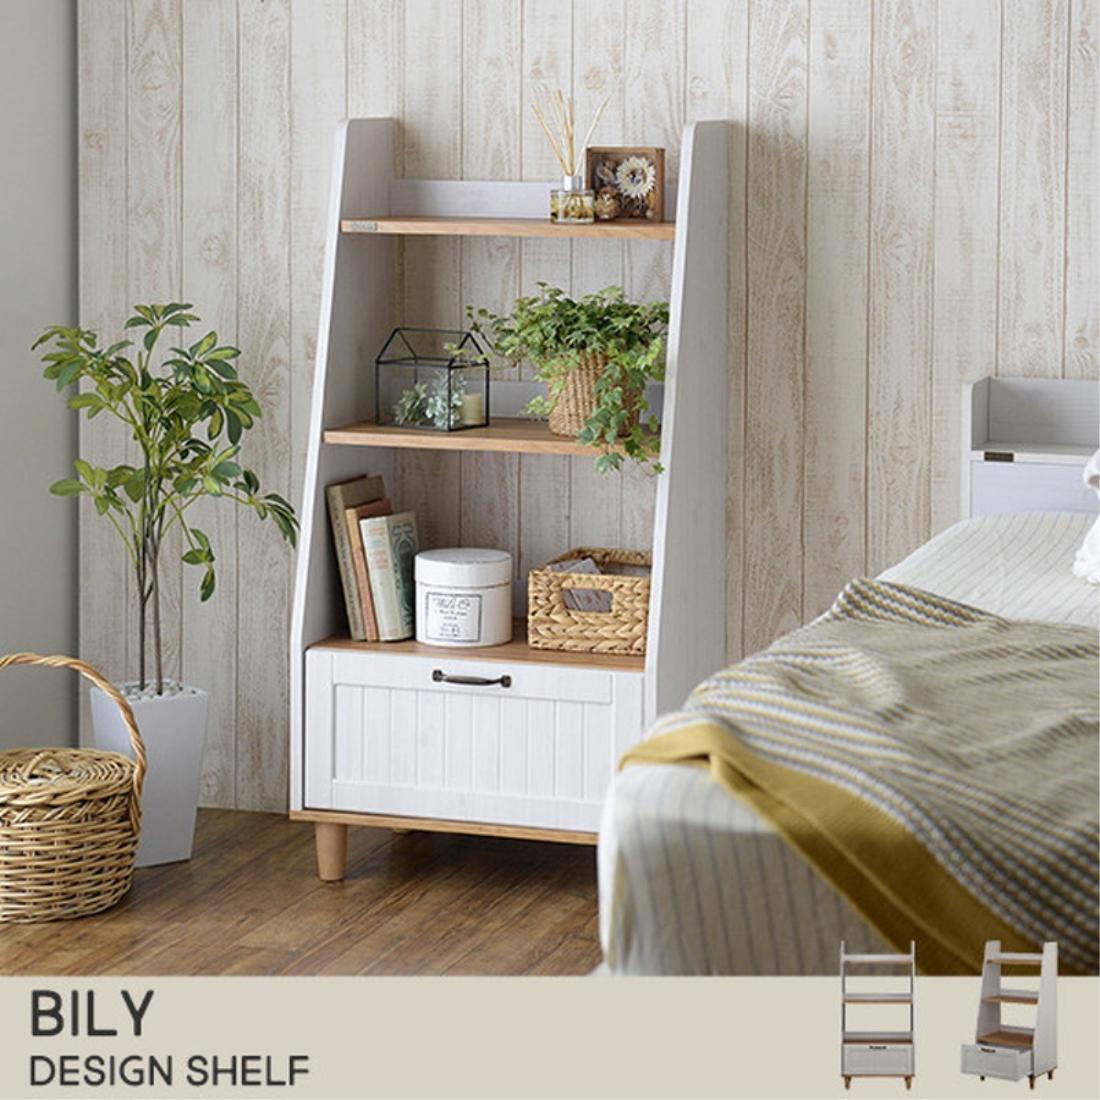 【送料無料】家具 飾り棚 飾り台 BILY(バイリー) ラック シェルフ(60cm幅) オシャレ